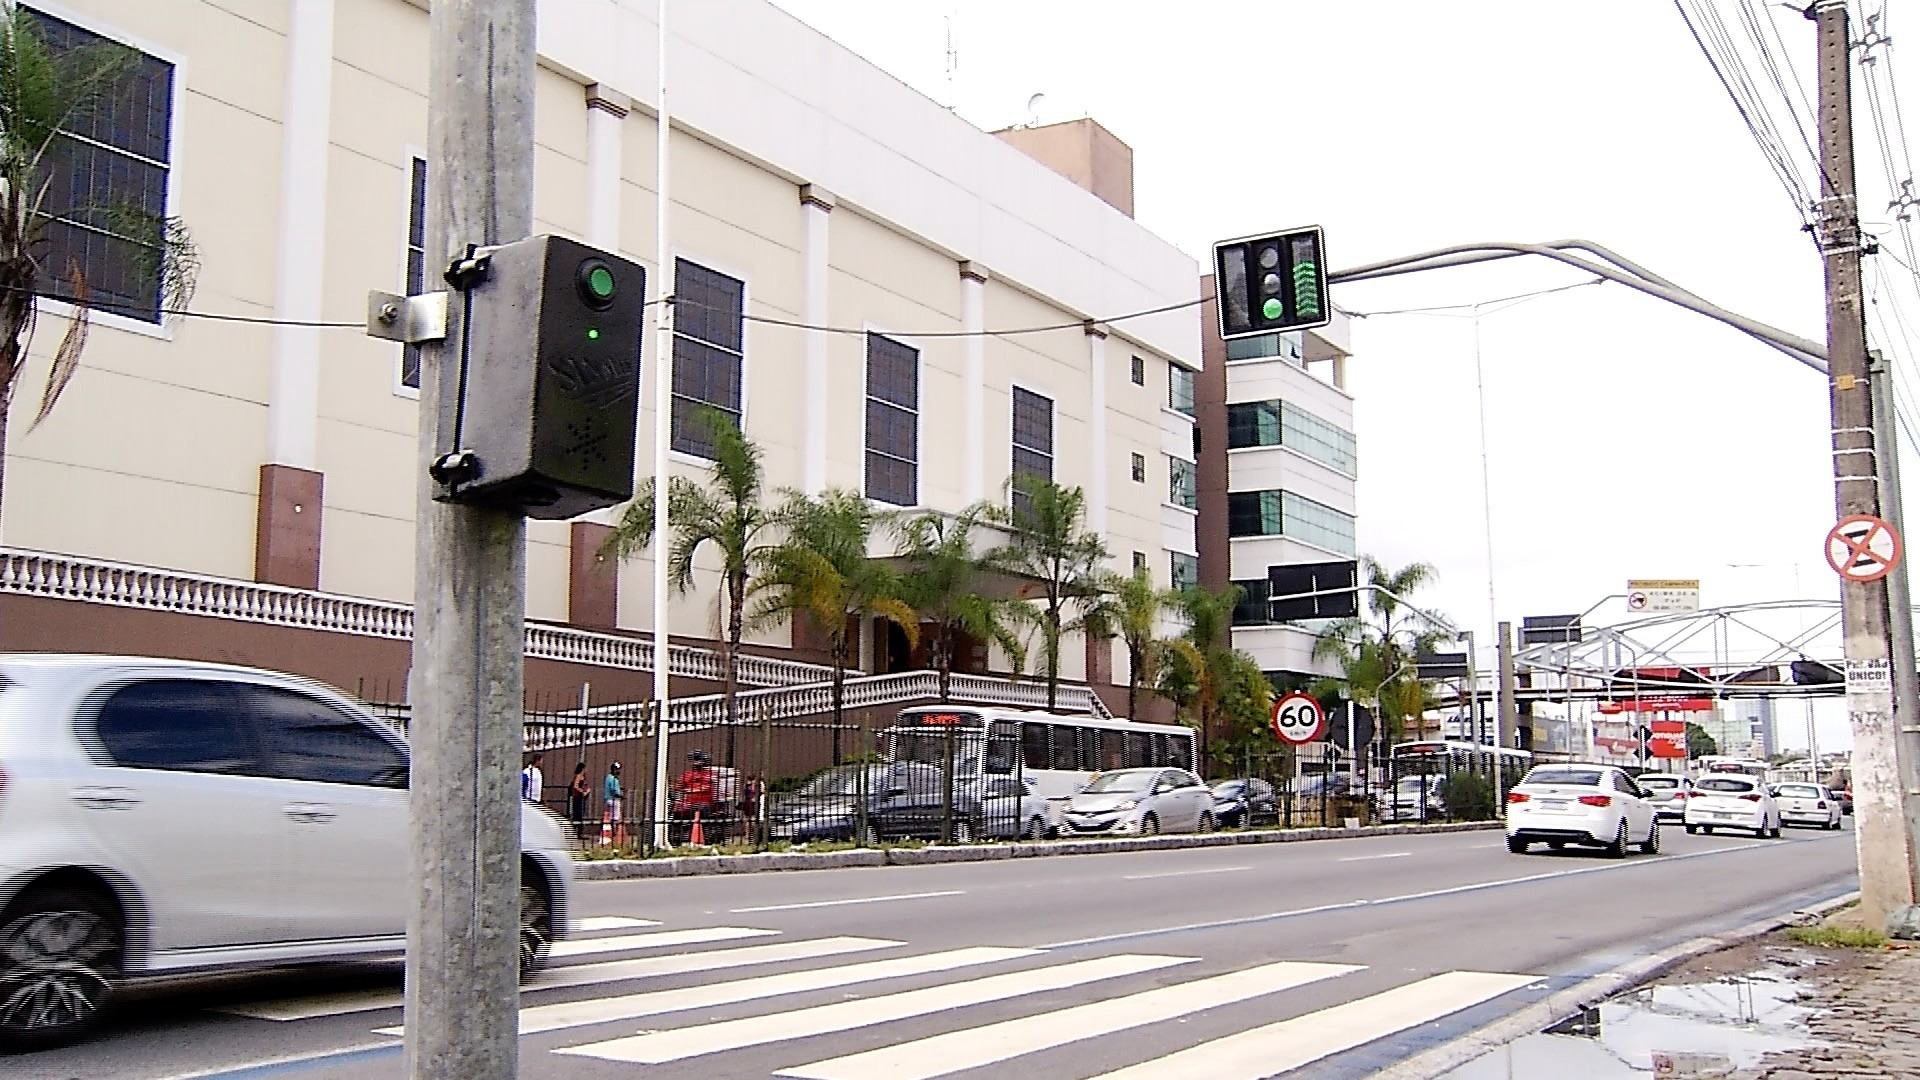 Novo semáforo instalado na Avenida Senador Salgado Filho, em Natal, é desativado - Notícias - Plantão Diário